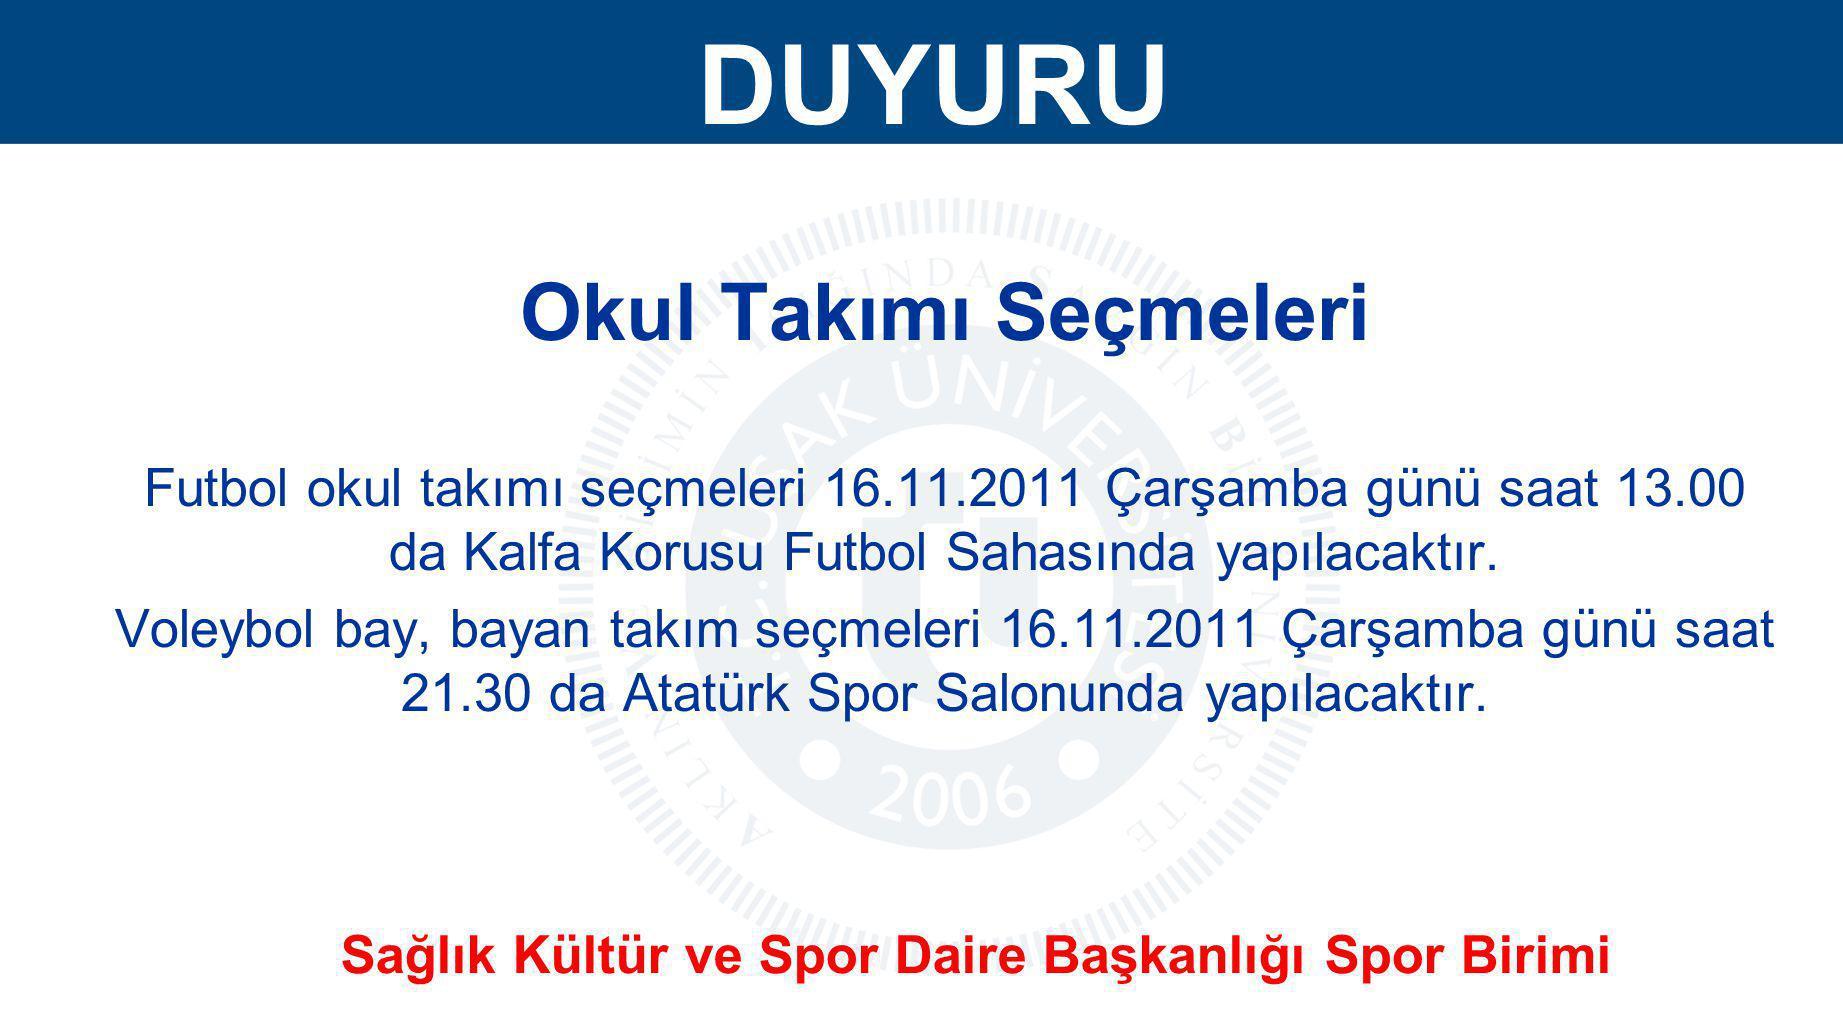 DUYURU Okul Takımı Seçmeleri Futbol okul takımı seçmeleri 16.11.2011 Çarşamba günü saat 13.00 da Kalfa Korusu Futbol Sahasında yapılacaktır. Voleybol